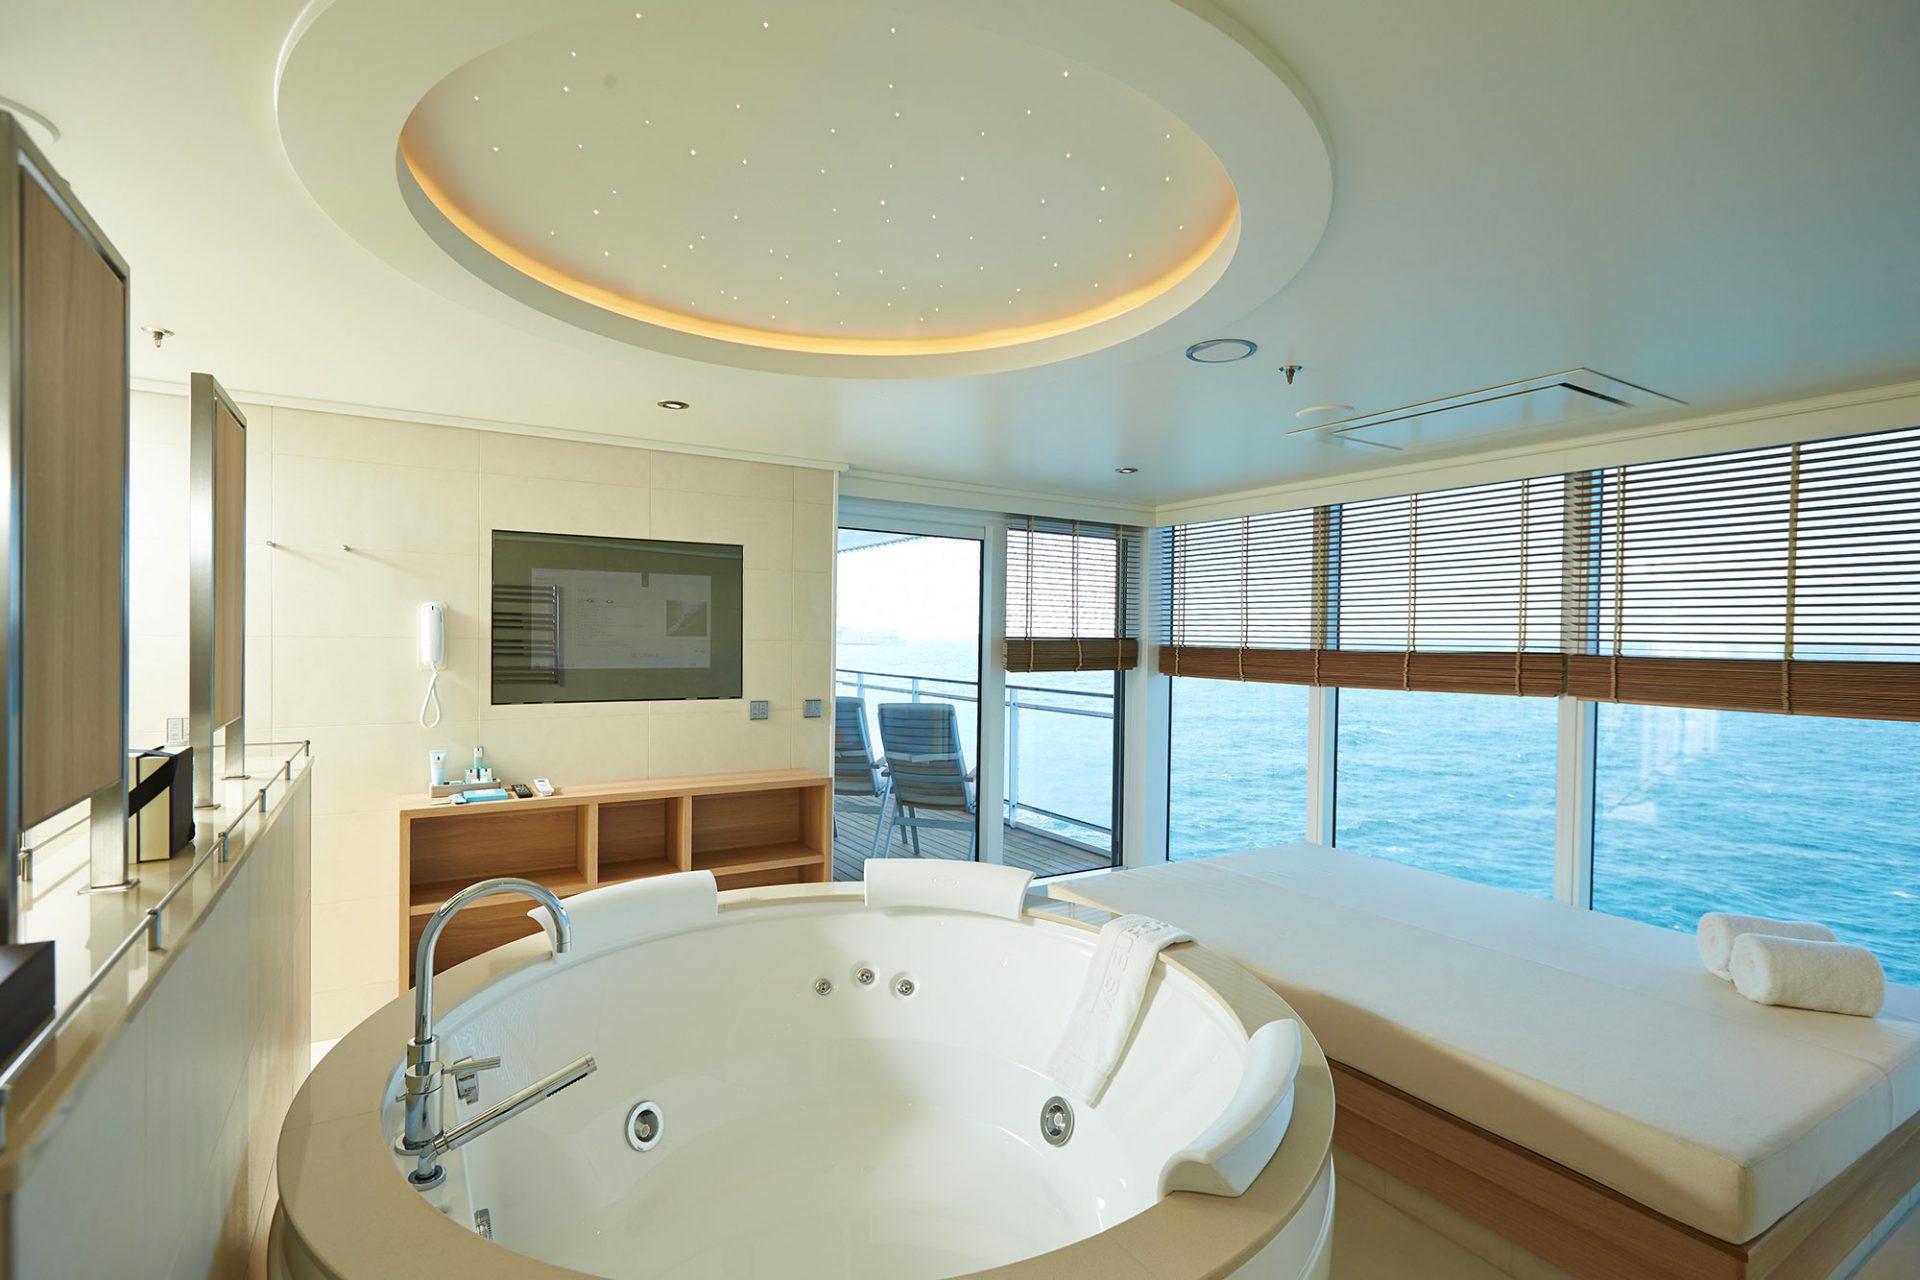 MS EUROPA 2 Owner Suite (99 m² + 15 m² Veranda) mit Whirlpool und Daybed